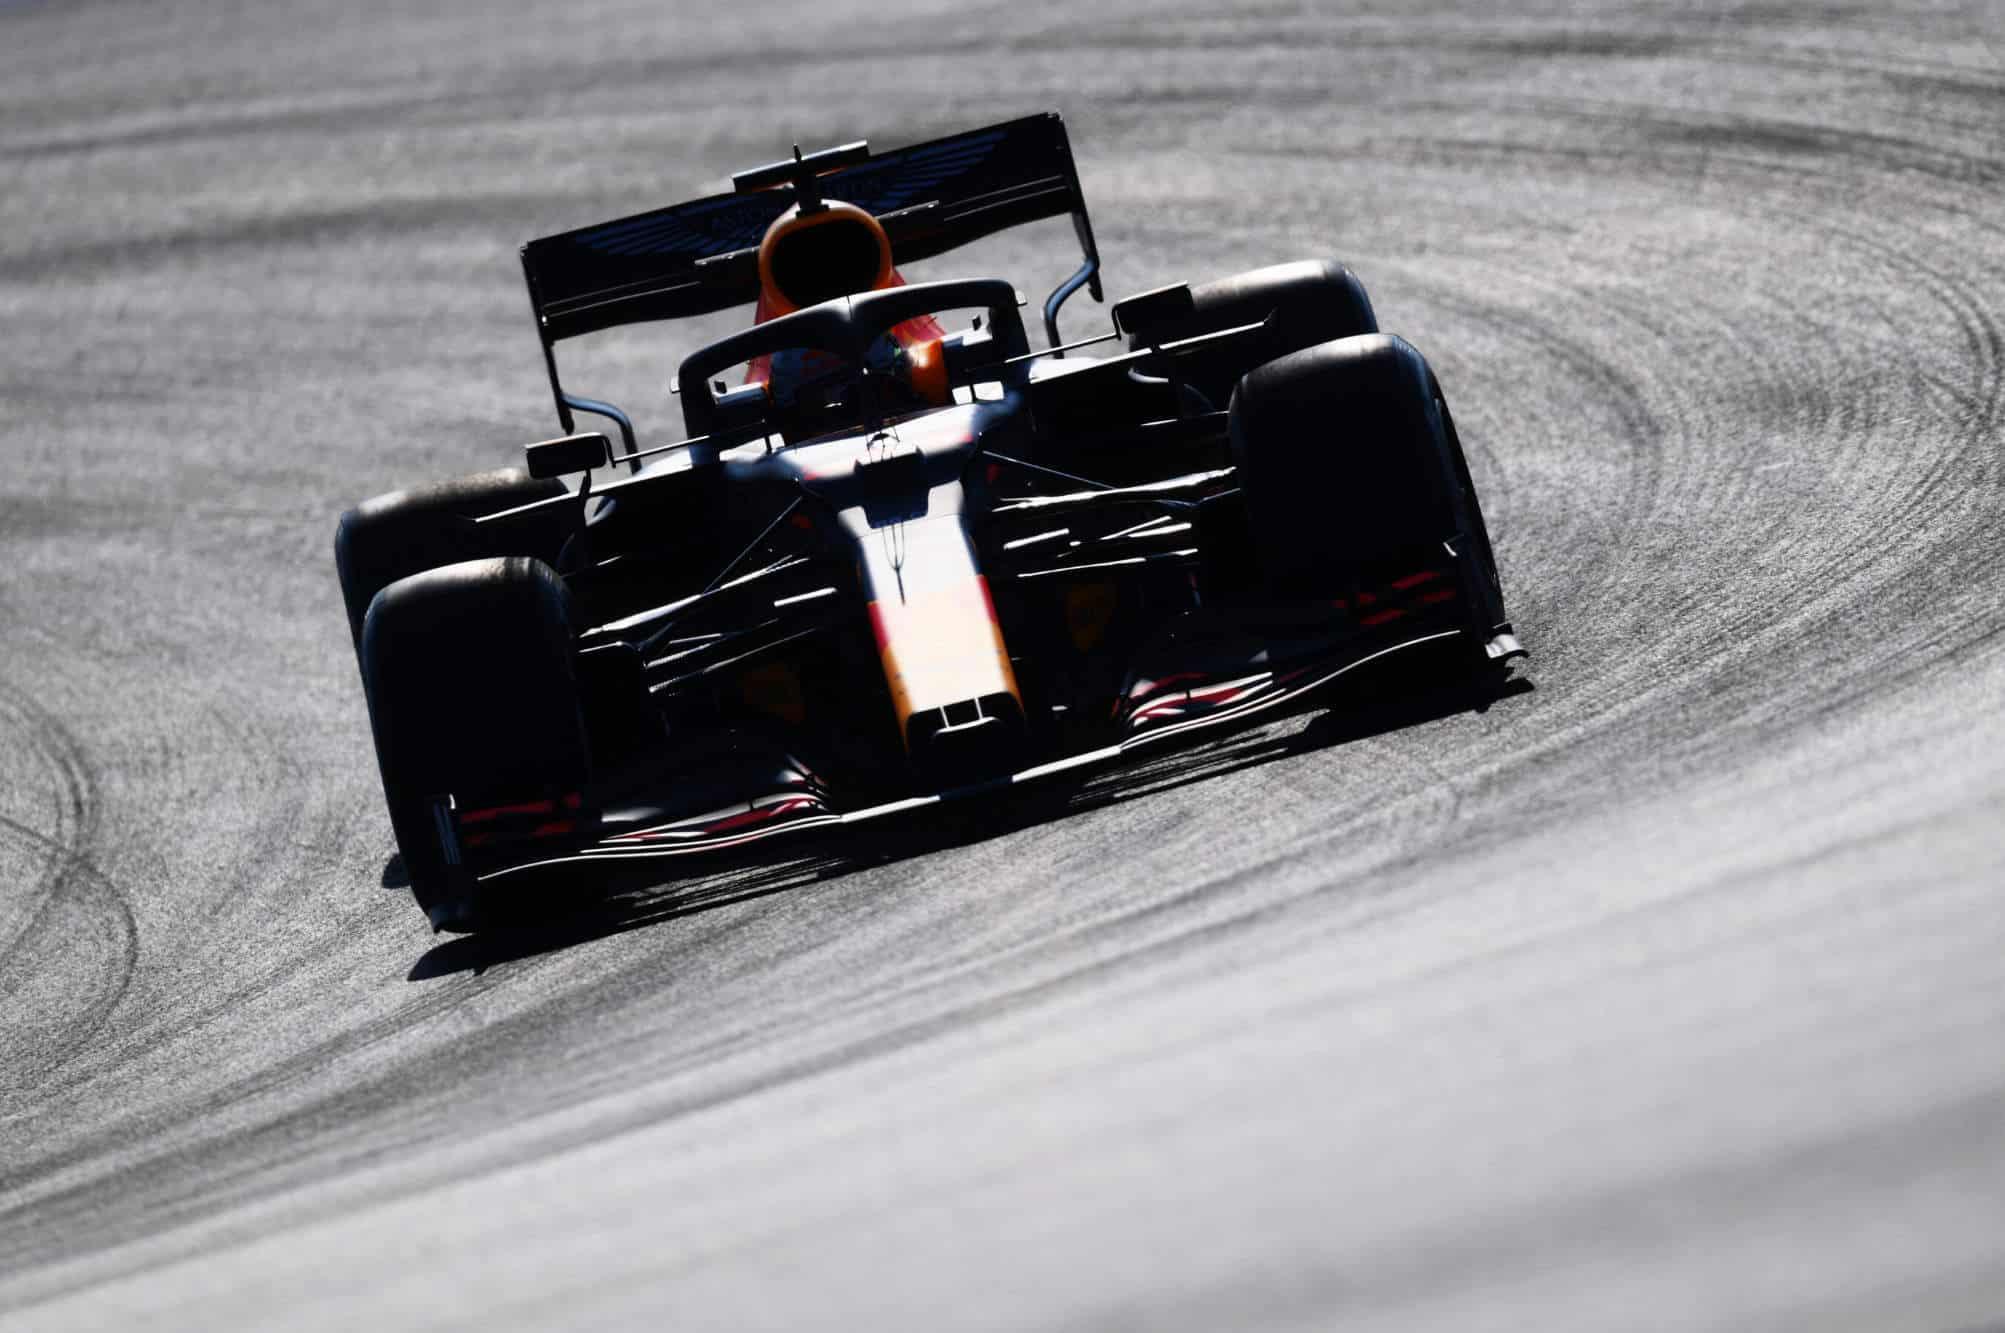 2020 Turkish GP Verstappen Red Bull FP1 Photo Red Bull